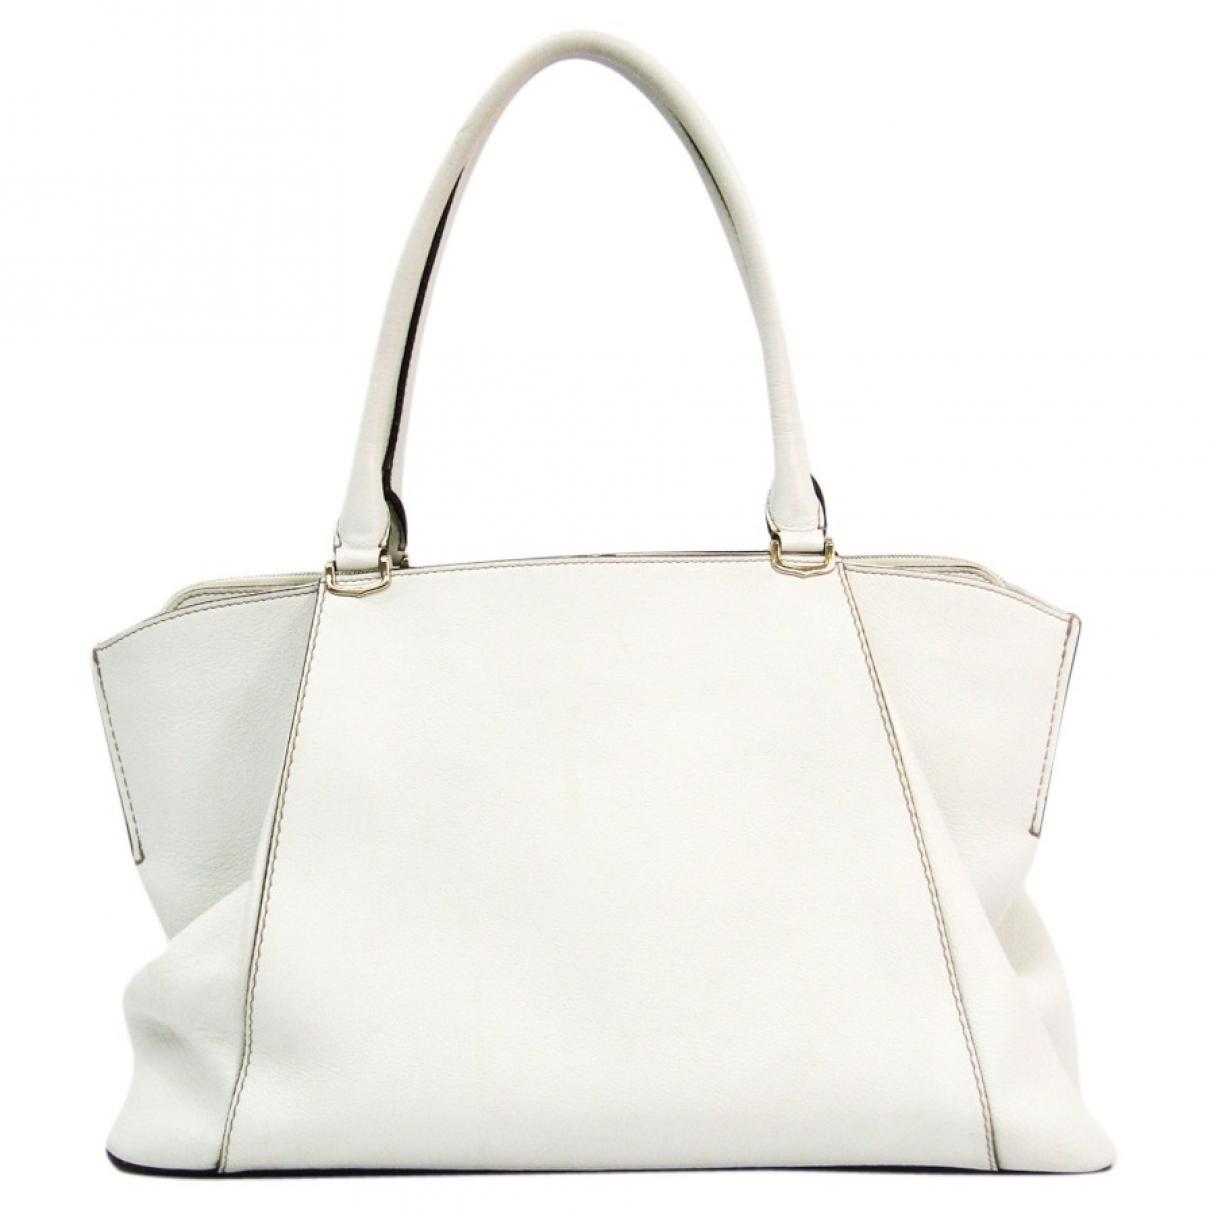 Cartier \N White Leather handbag for Women \N